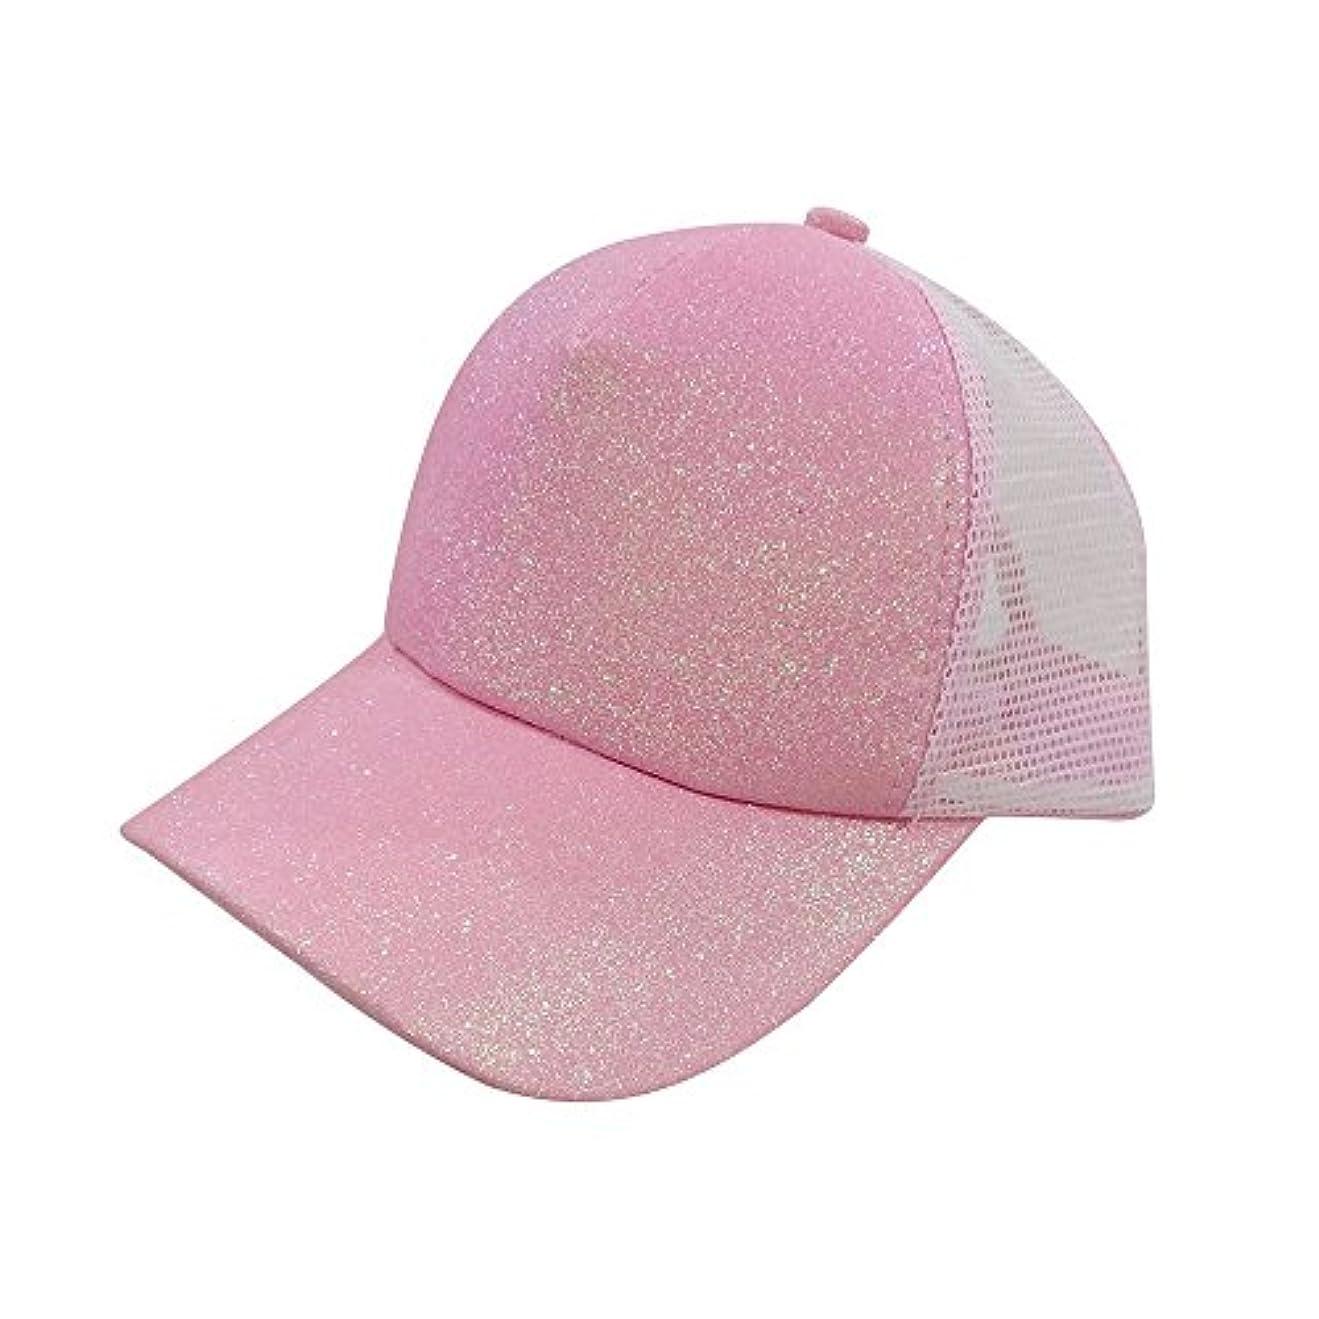 ちなみにタブレット温かいRacazing Cap スパンコール 無地 メッシュ 野球帽 通気性のある ヒップホップ 帽子 夏 登山 可調整可能 棒球帽 男女兼用 UV 帽子 軽量 屋外 Unisex Cap (ピンク)